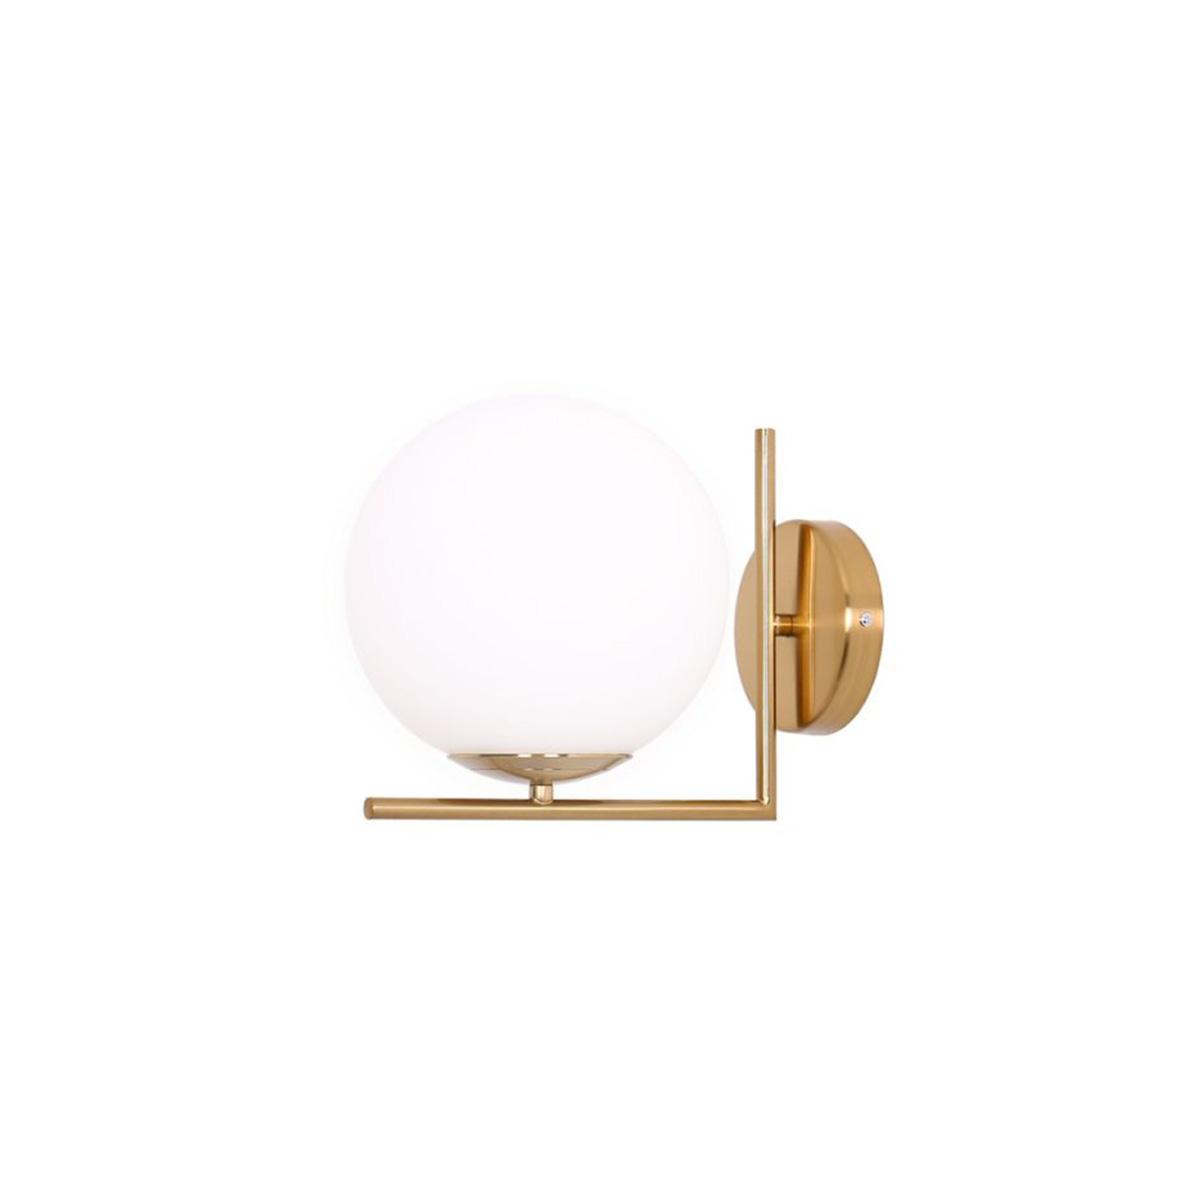 Zidna lampa 1.0129 zlatna